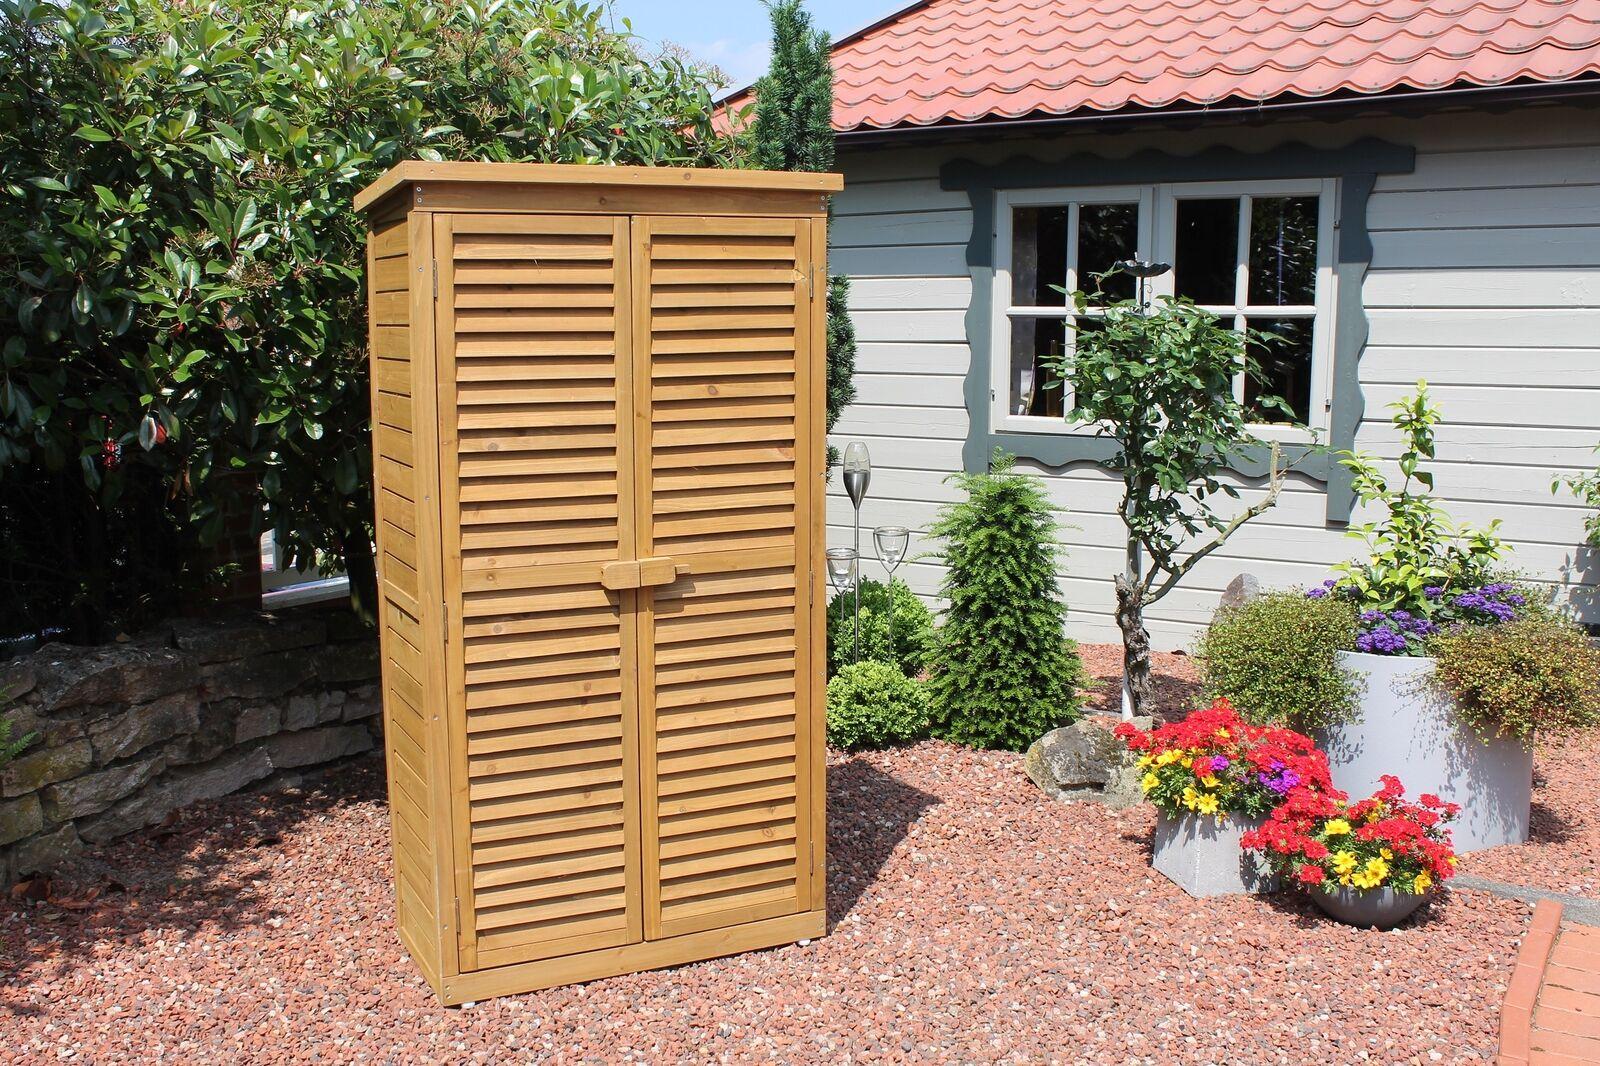 LECO Aufbewahrungsschrank Aufbewahrungsschrank Aufbewahrungsschrank Gartenschrank Schrank Holzschrank Geräteschrank neu b3ebed